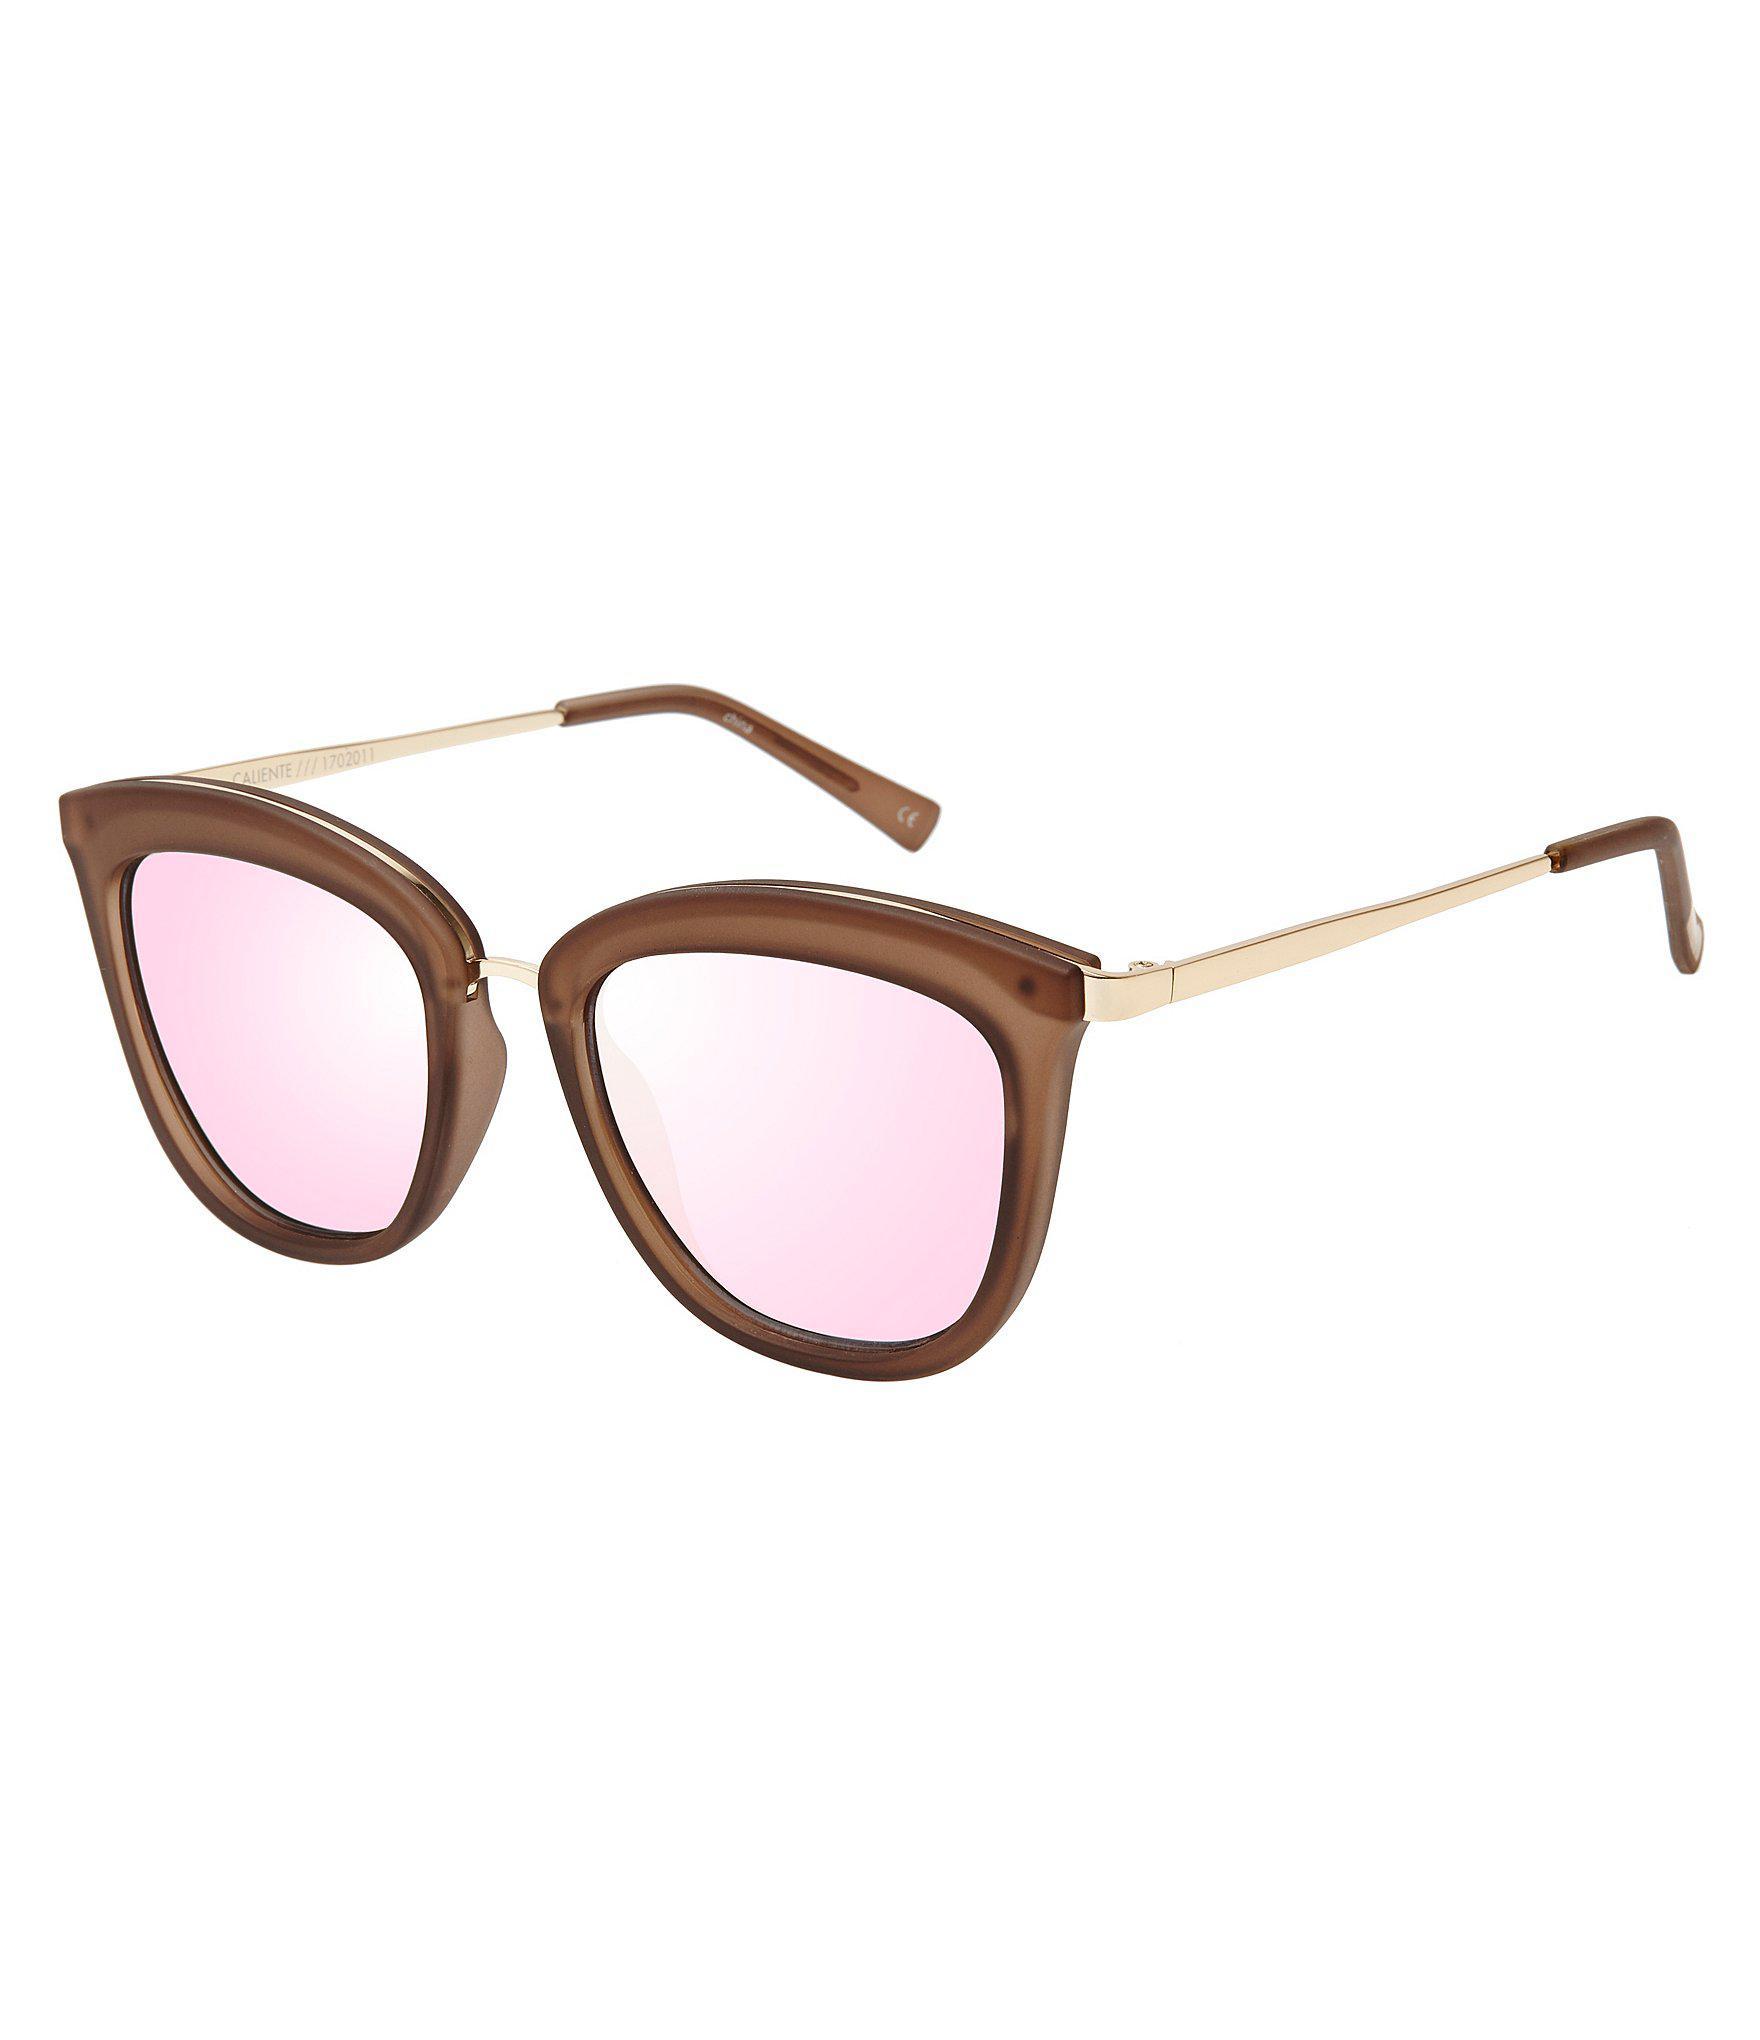 990462d73a8 Le Specs. Women s Caliente Cat Eye Sunglasses